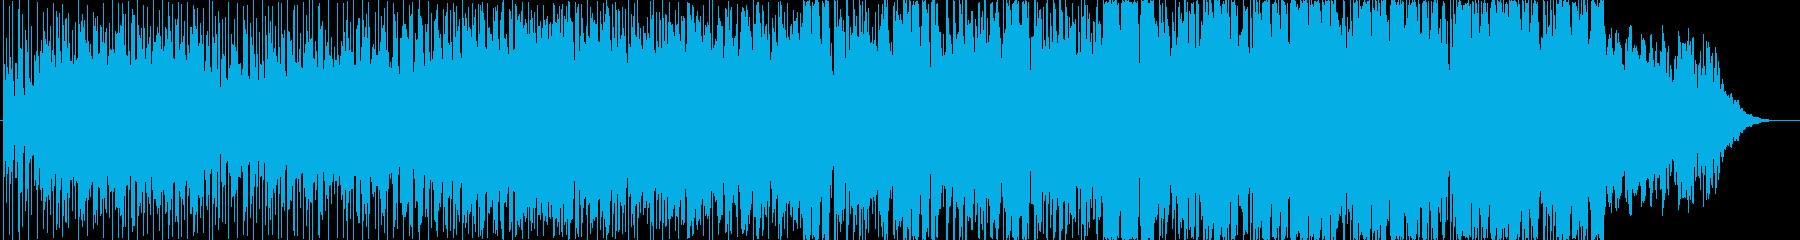 近未来的サウンドの再生済みの波形